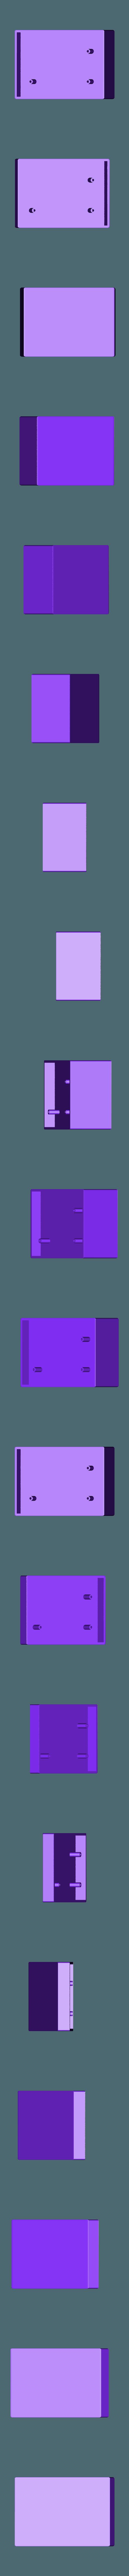 tented-lets-split-left.stl Télécharger fichier STL gratuit The Wedge - Séparons le boîtier de clavier sous tente • Objet pour impression 3D, rsheldiii